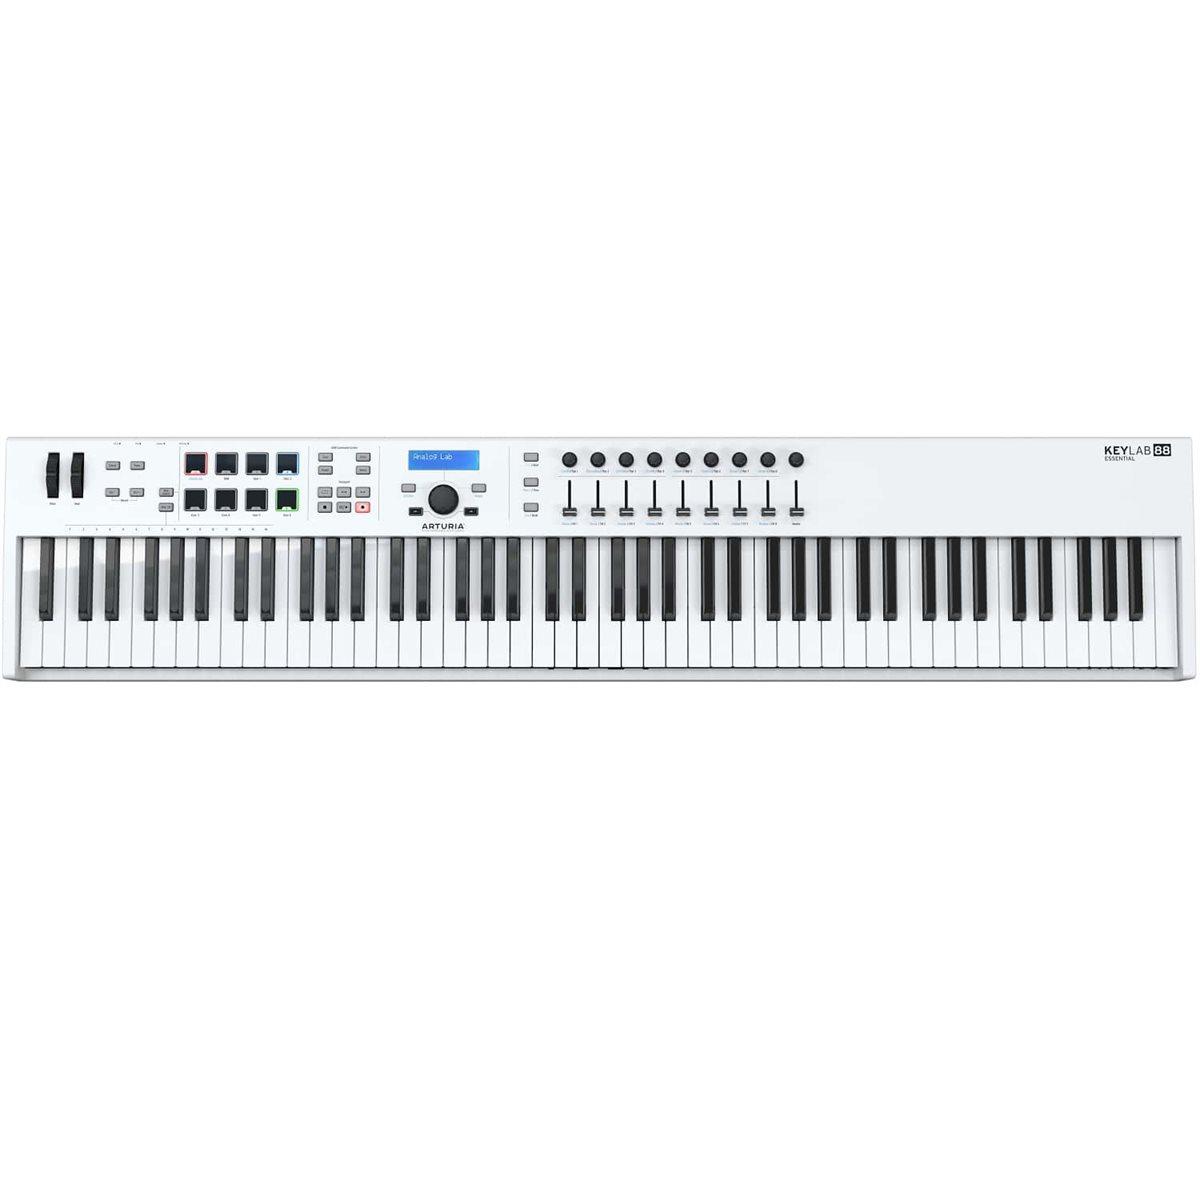 ARTURIA - KeyLab Essential 88 keys MIDI / USB Controller